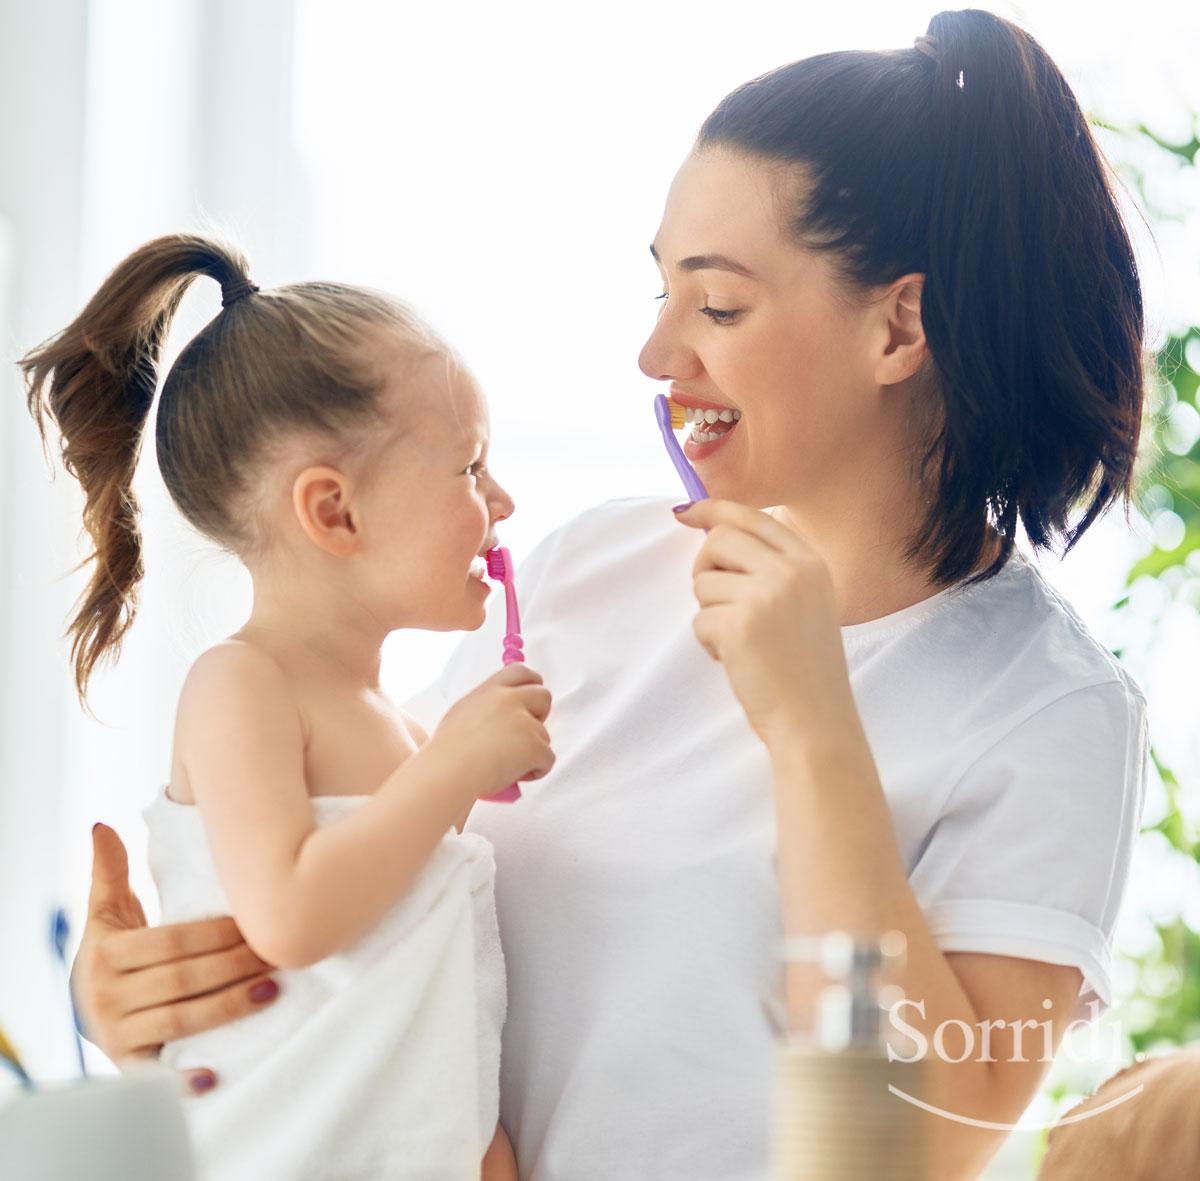 Sorridi-ch-magazine-lavare-i-denti-ai-bambini-quando-fanno-i-capricci